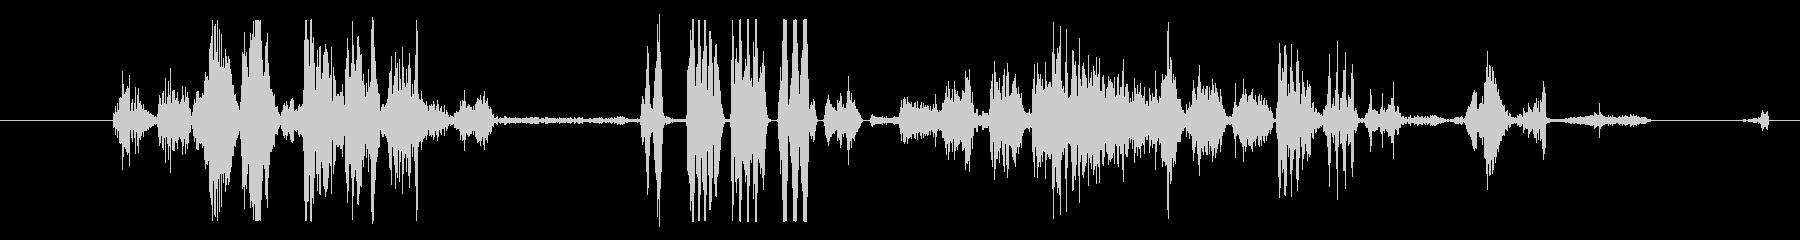 イメージ クレイジートーク06の未再生の波形